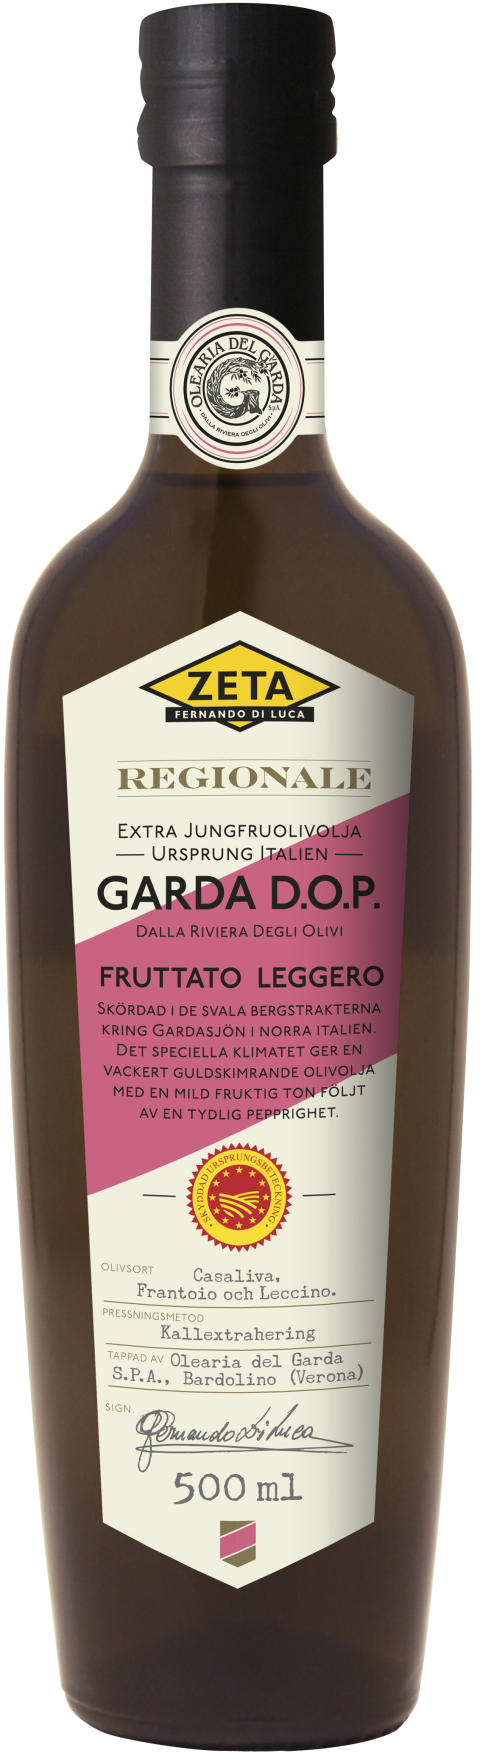 Zeta Regionolja Garda D.O.P.